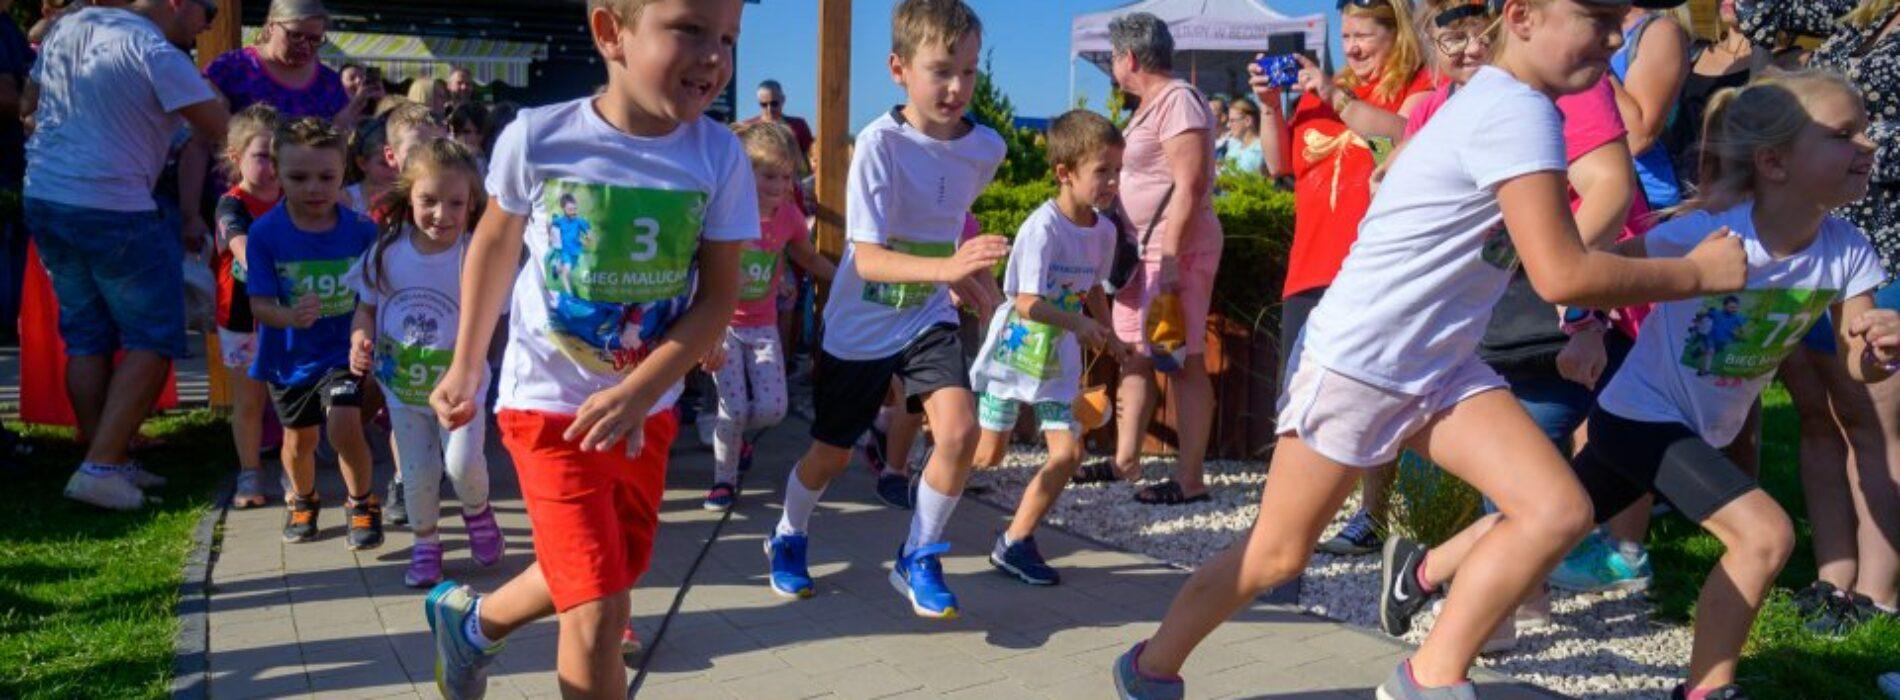 Mali biegacze na plaży